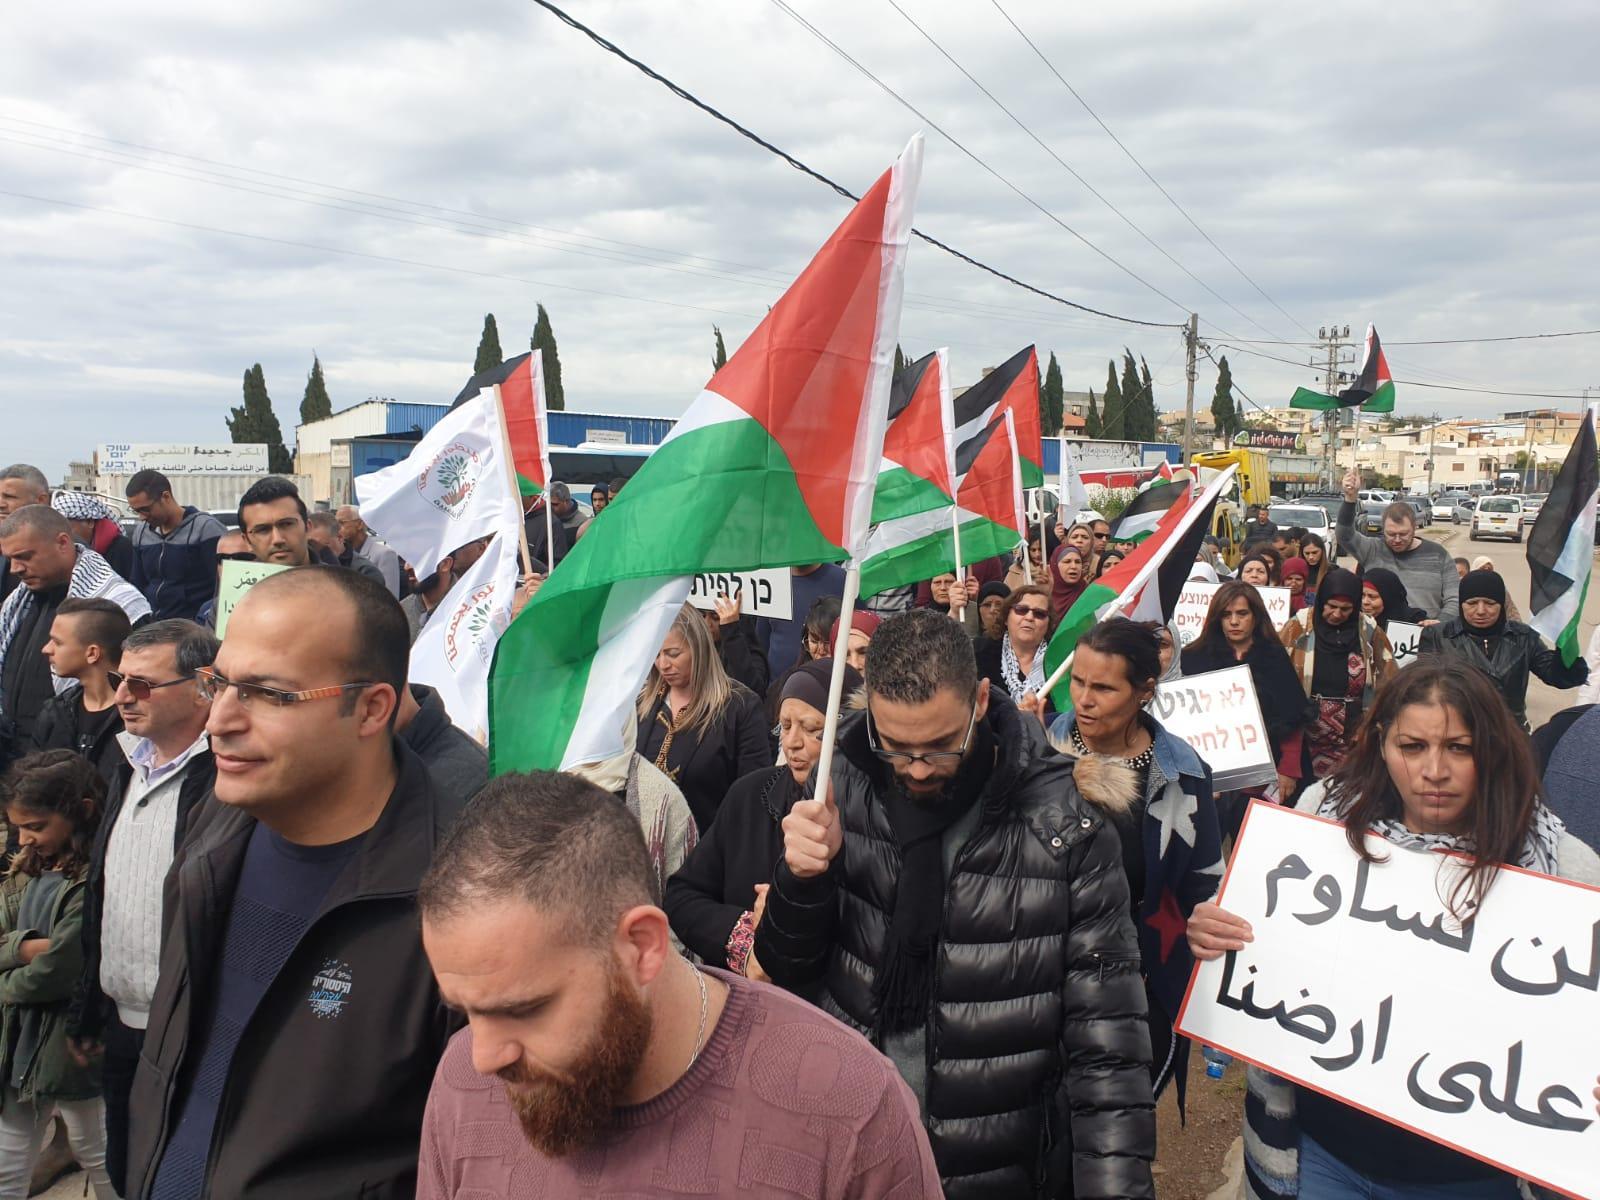 جديدة المكر:  مسيرة احتجاجية دفاعا عن أرض الطنطور